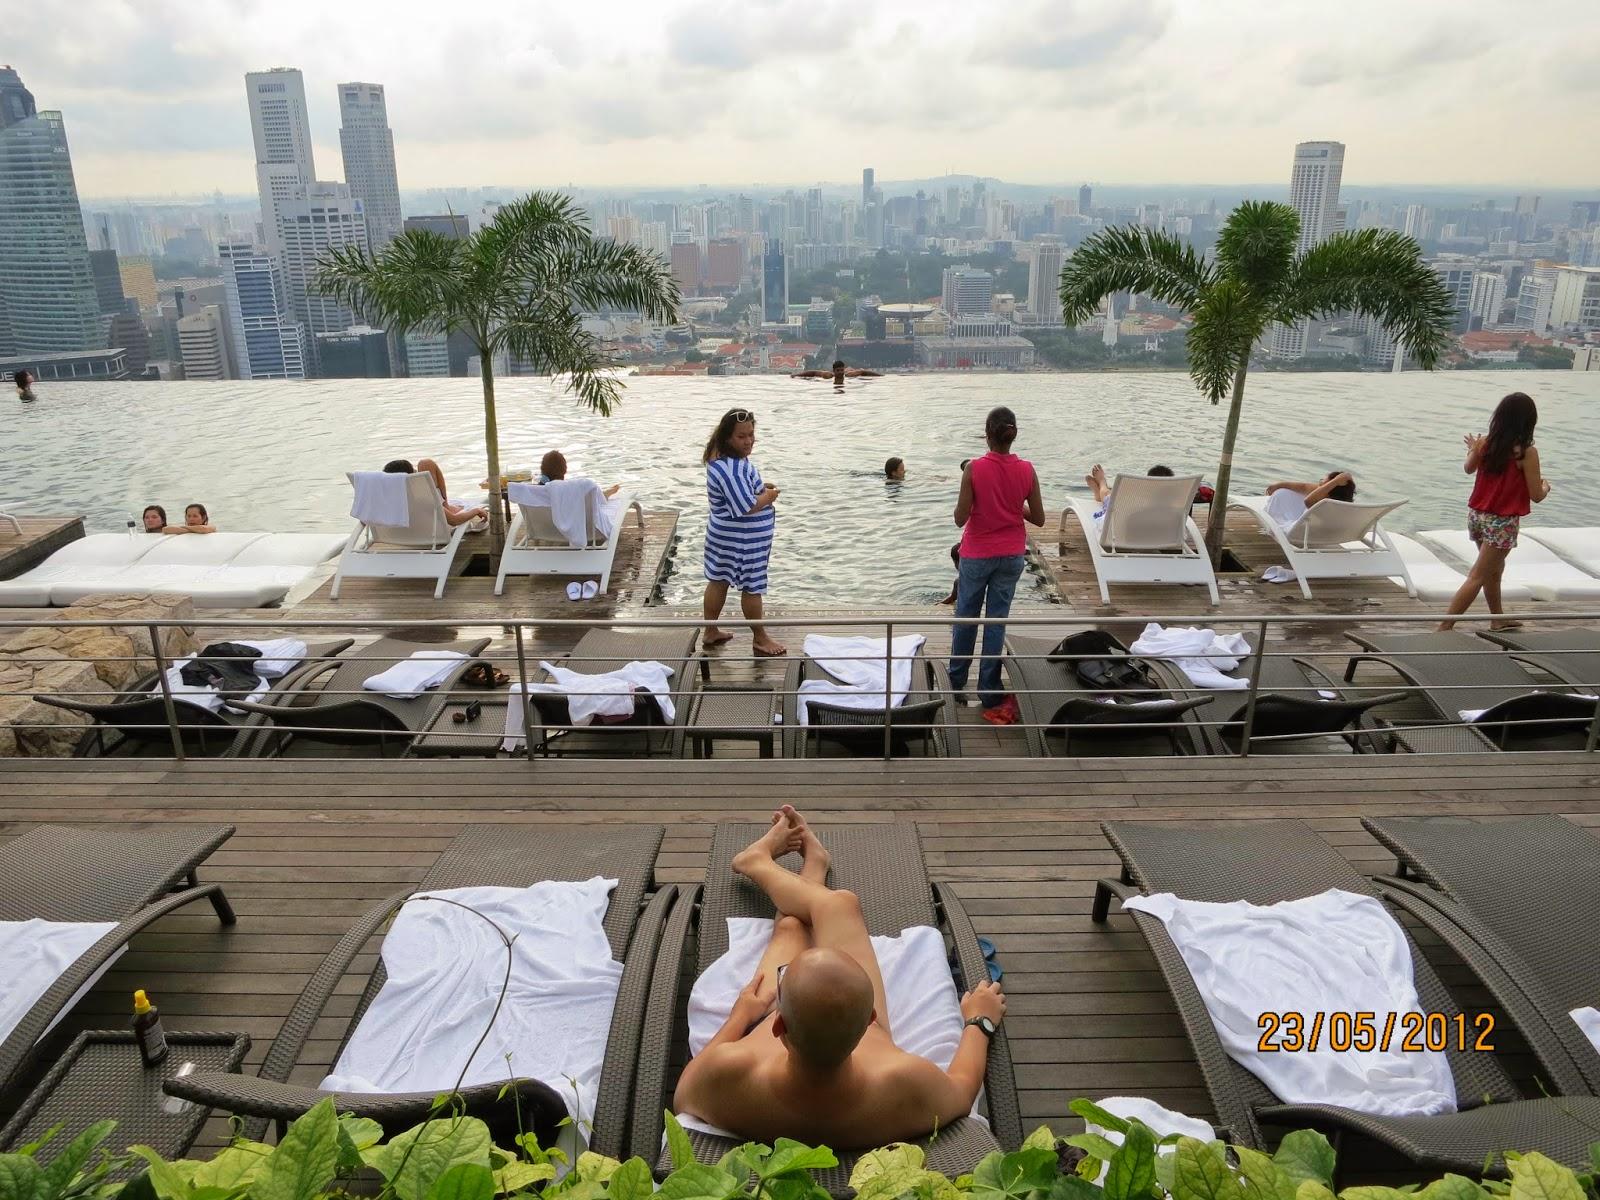 Sunbathing Naked in Singapore?